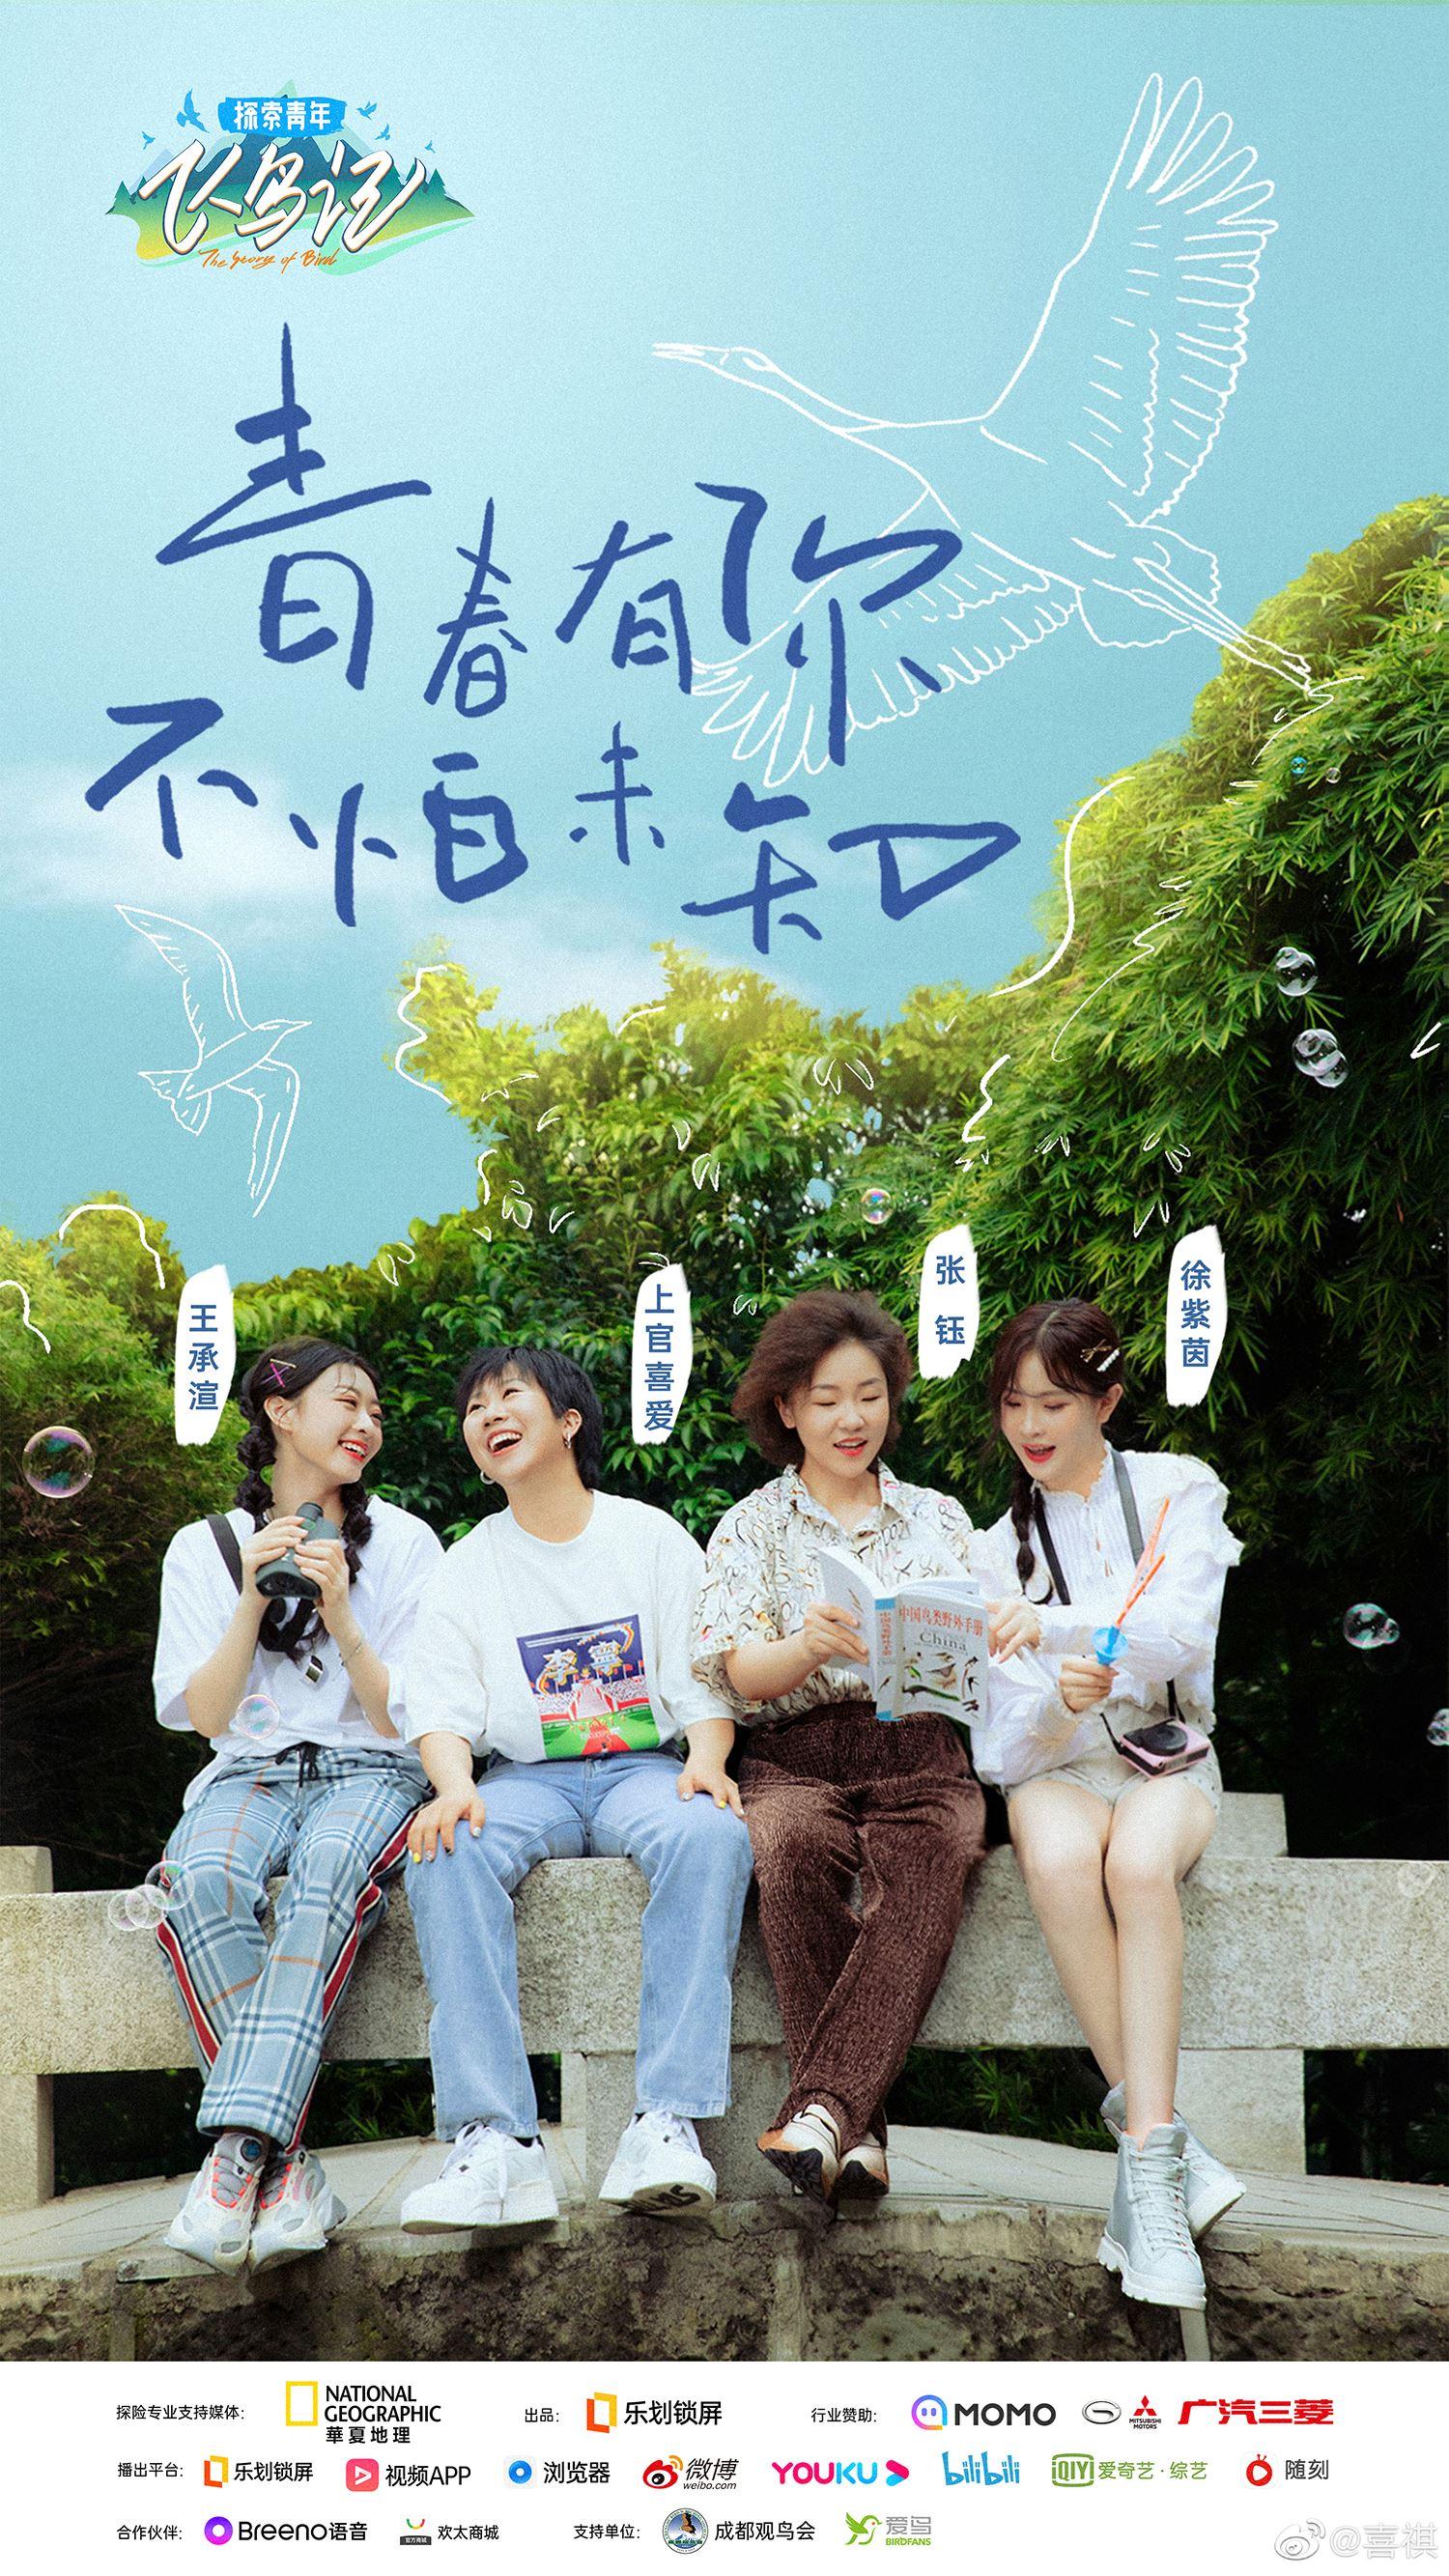 王承渲、上官喜爱、徐紫茵、张钰全新综艺《探索青年飞鸟记》上线!组合名为birdgirls!